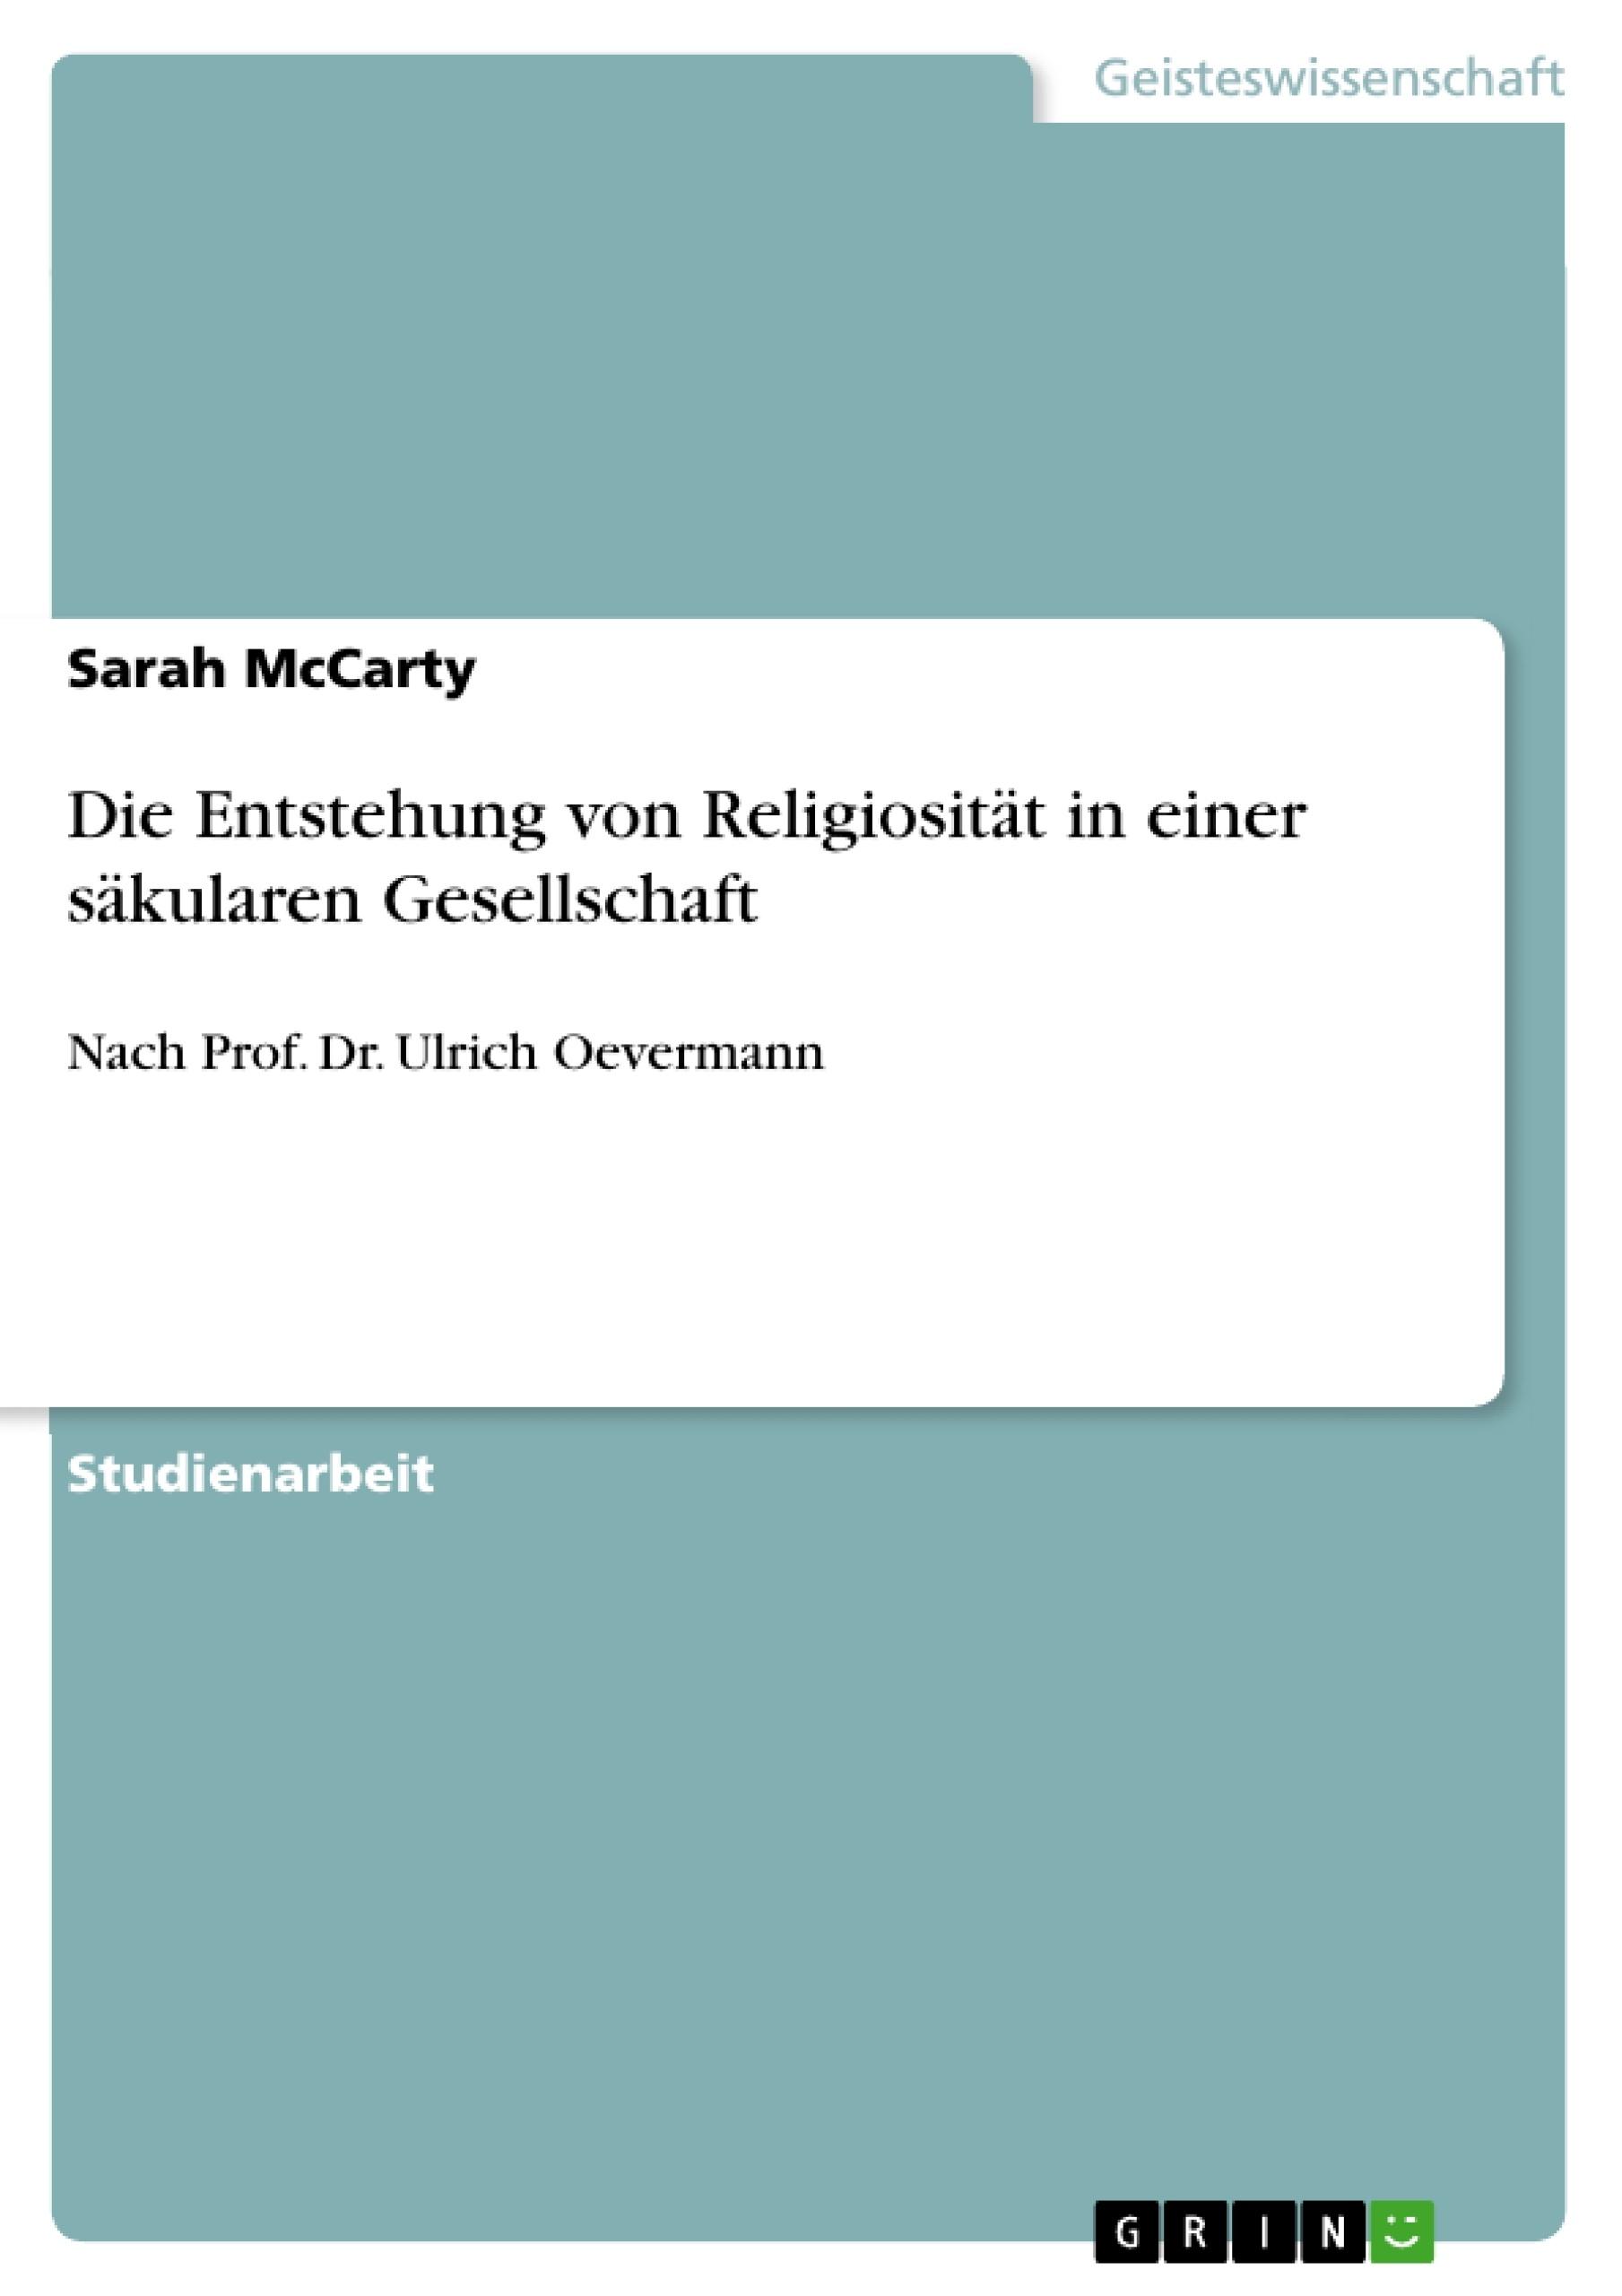 Titel: Die Entstehung von Religiosität in einer säkularen Gesellschaft